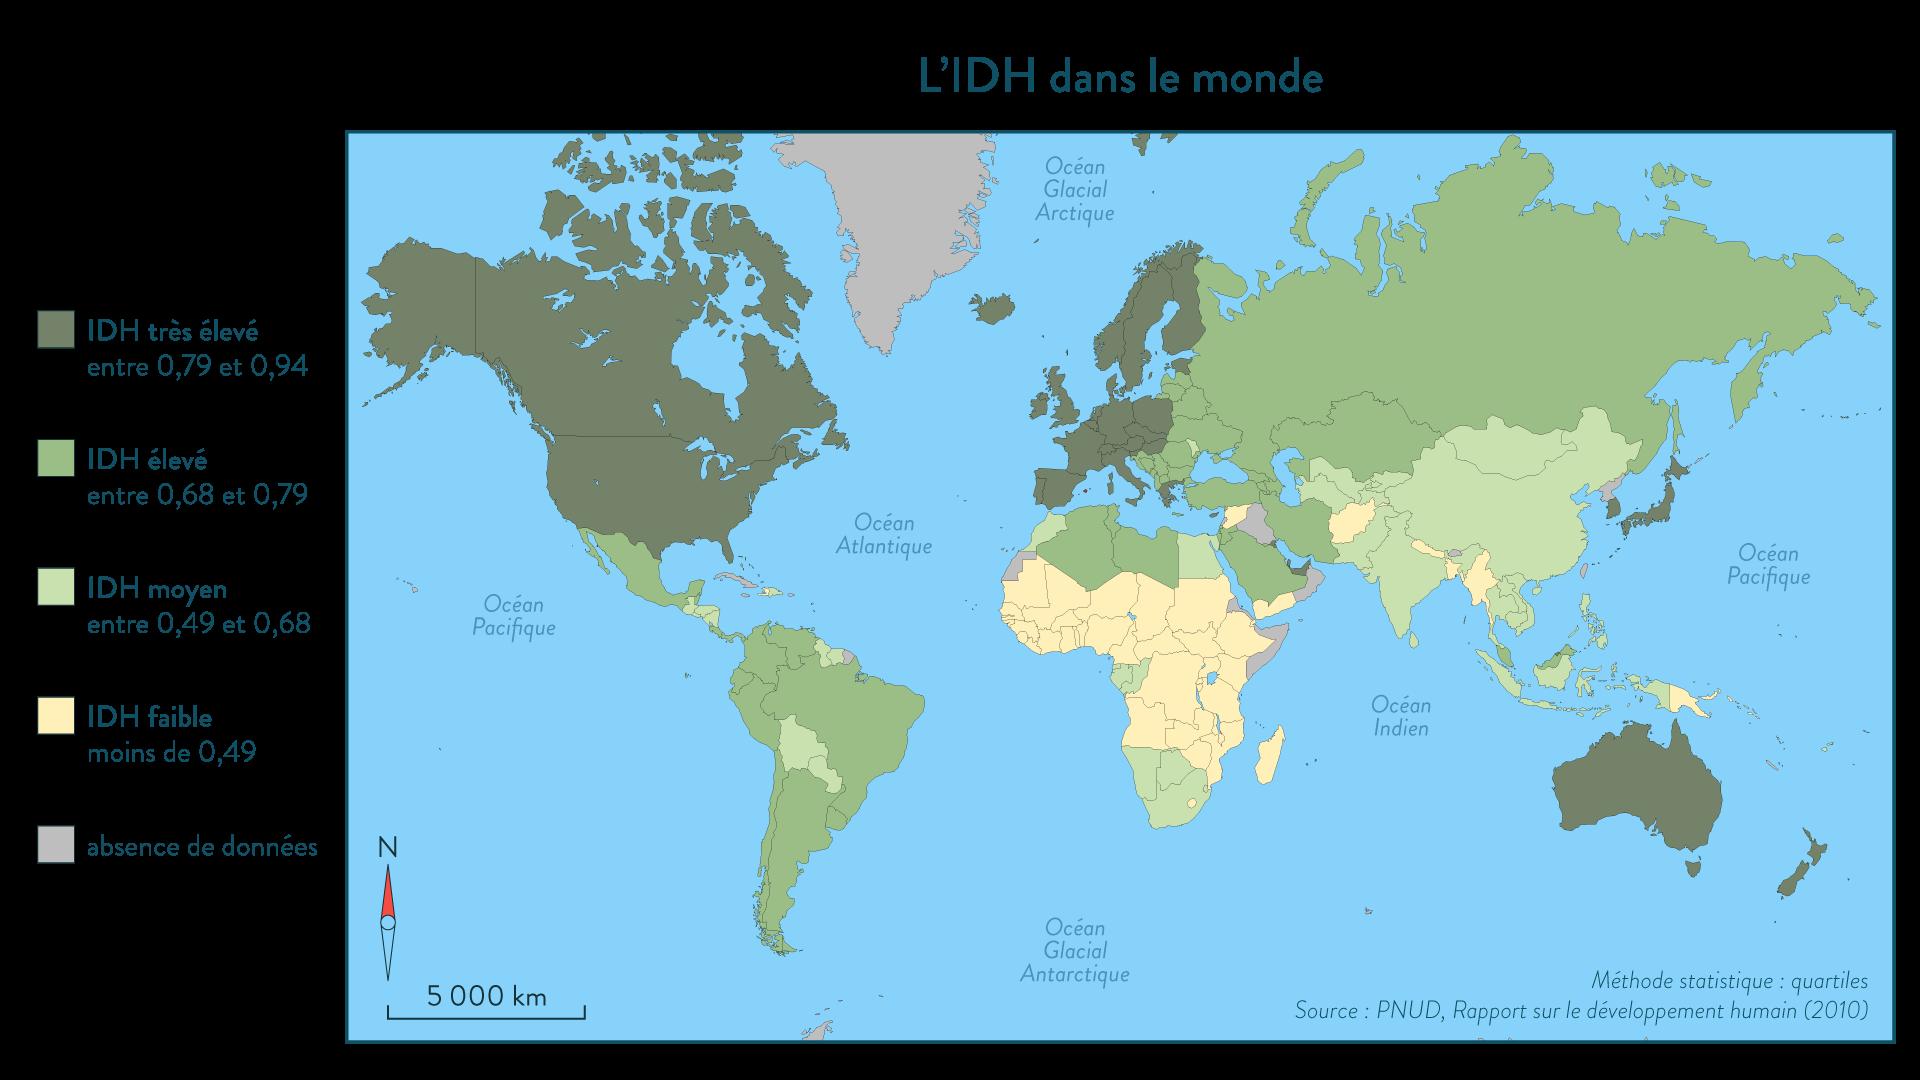 L'IDH dans le monde